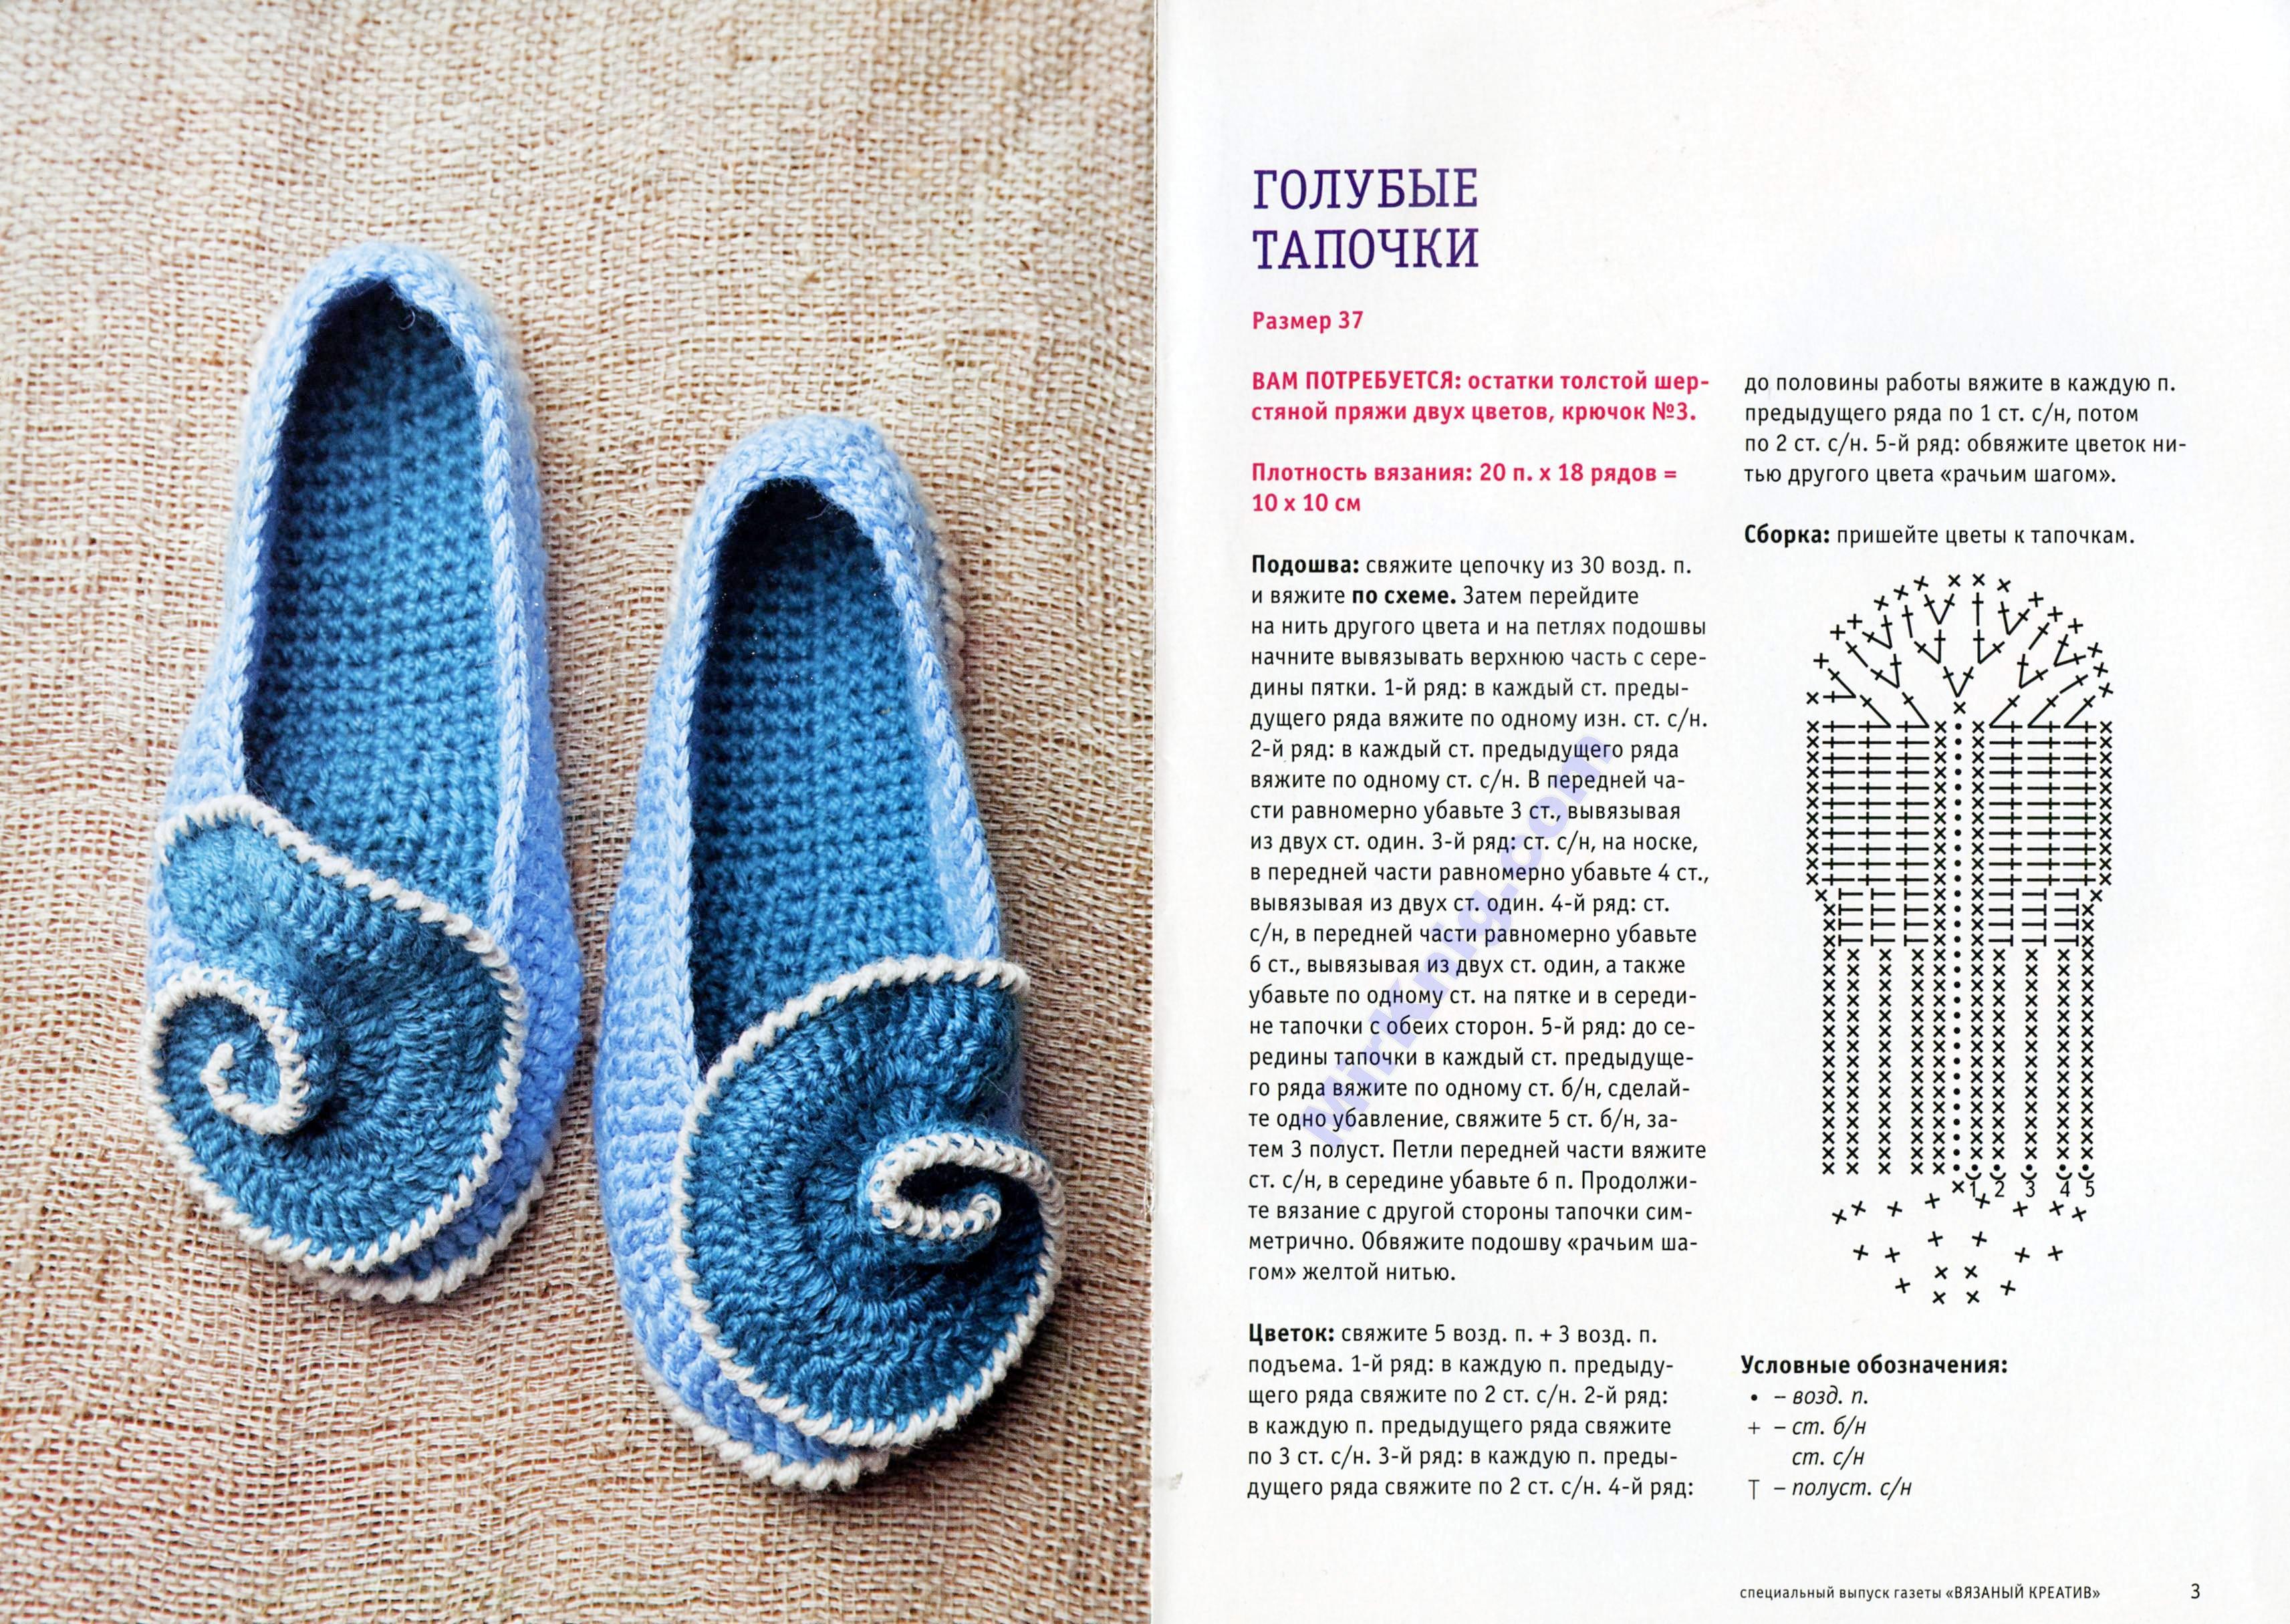 Вязание тапочки описание фото